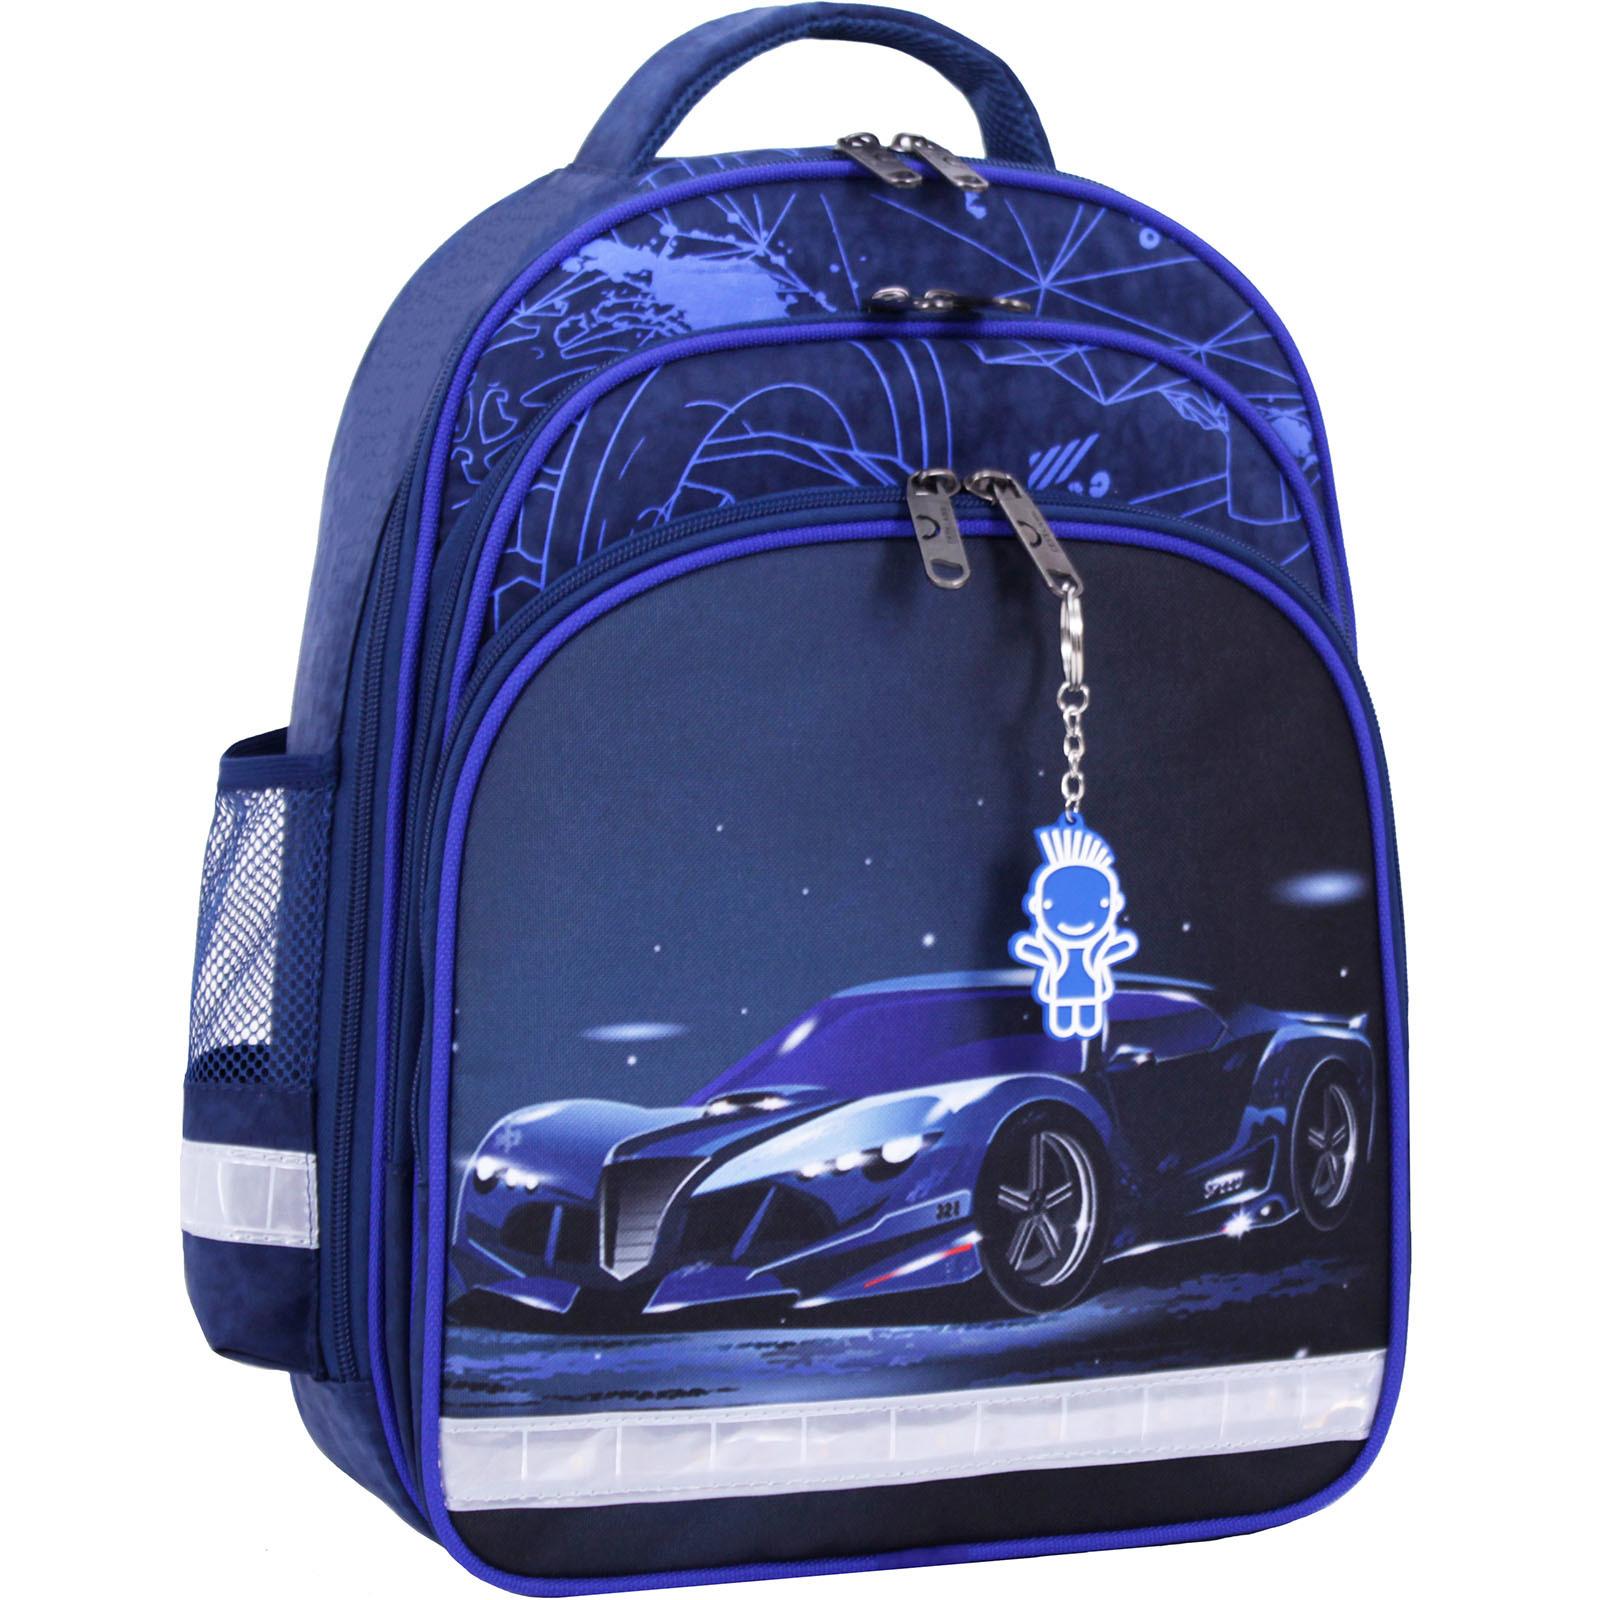 Рюкзак школьный Bagland Mouse 225 синий 248к (0051370) фото 6